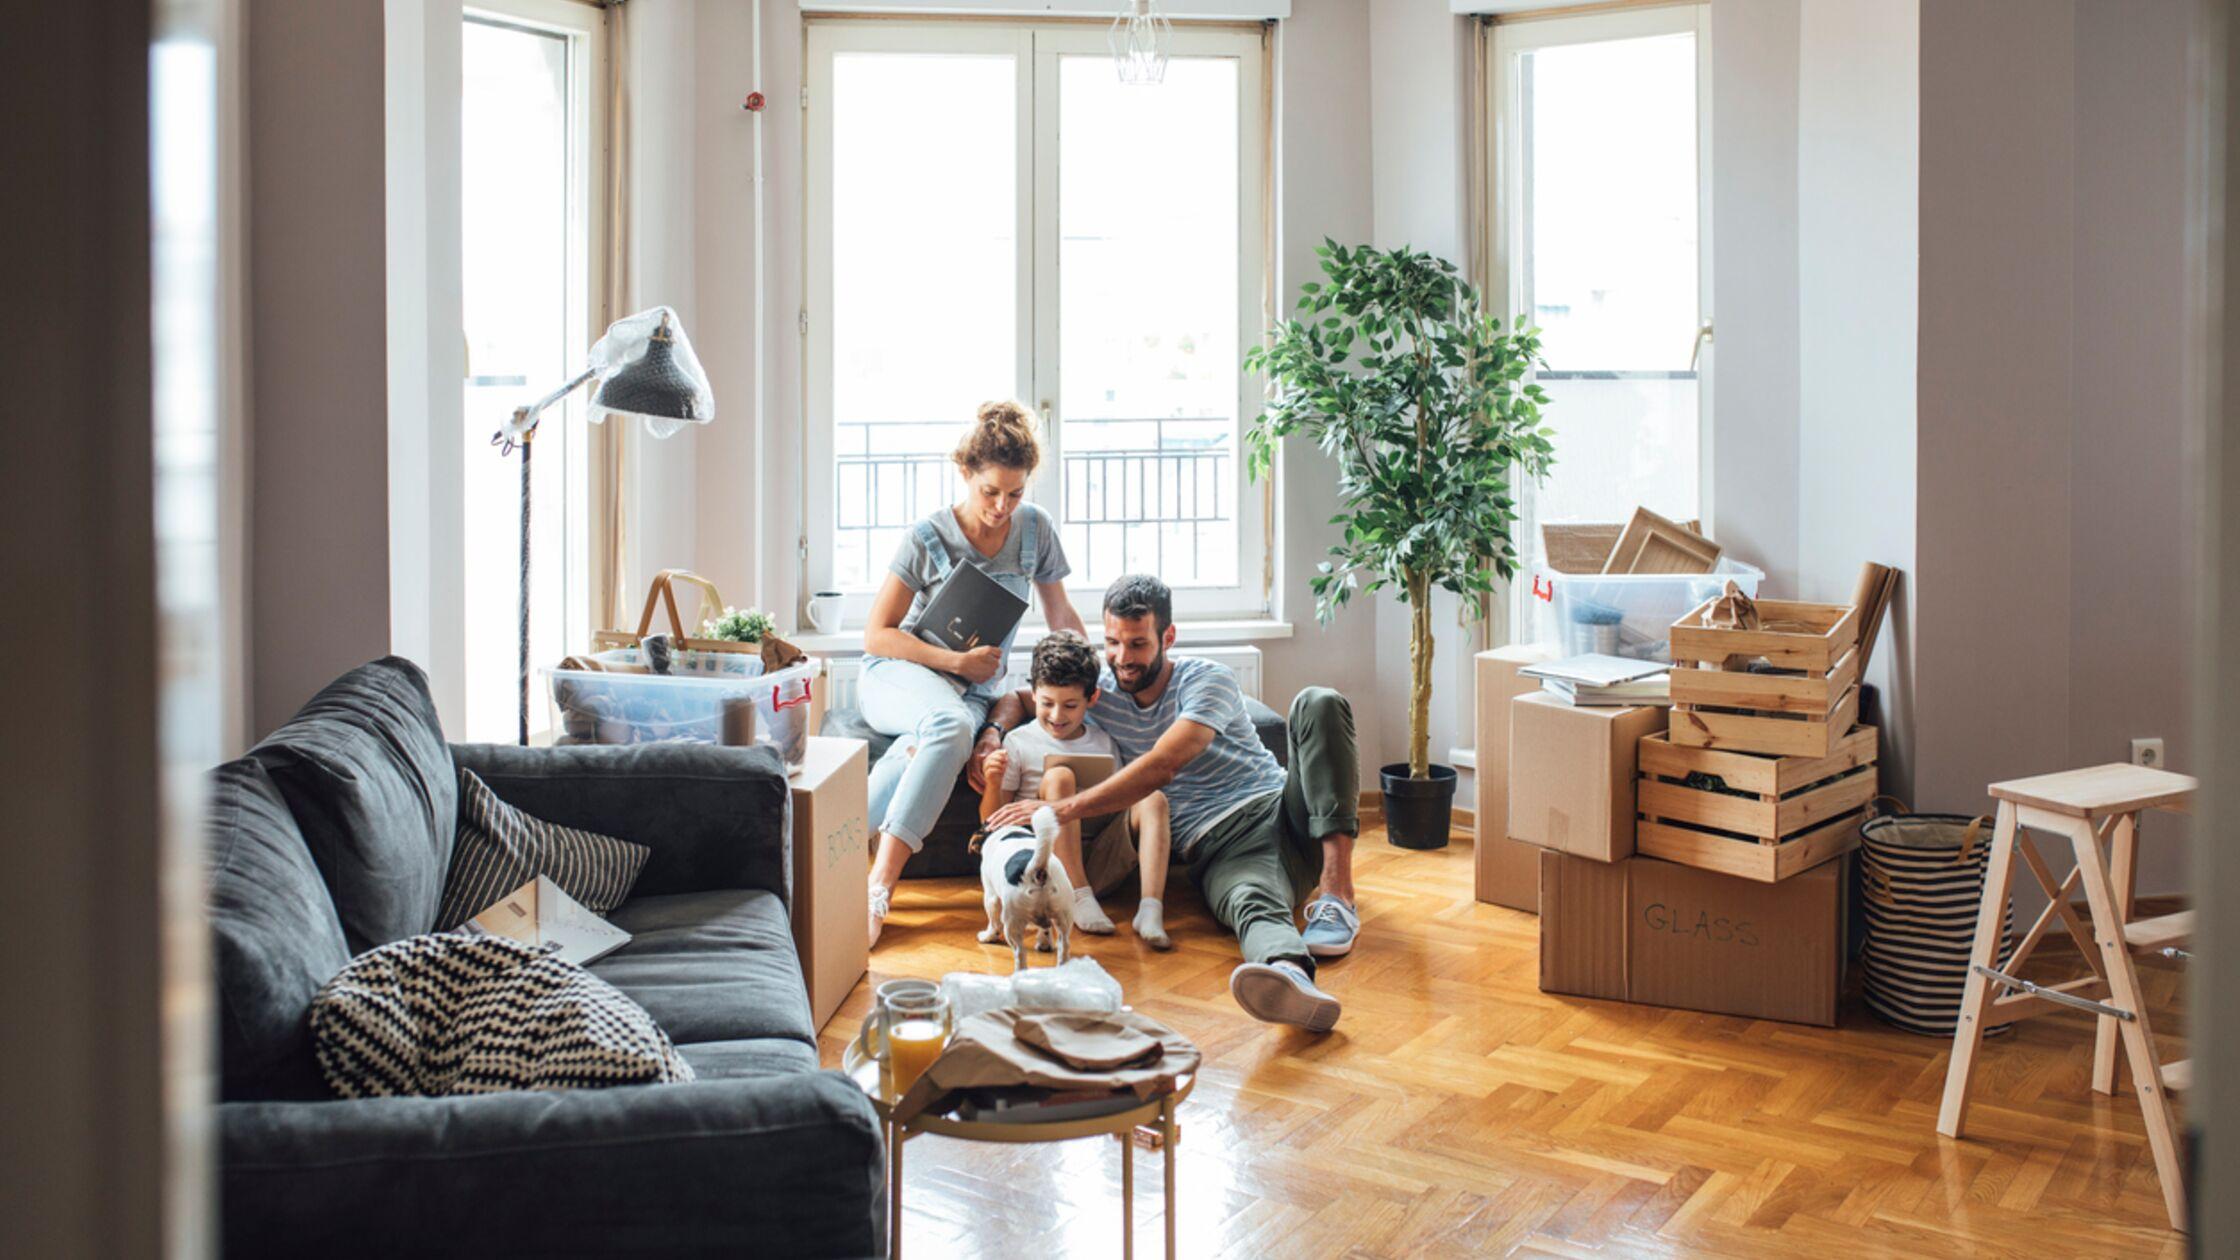 Eltern, Kind und Hund sitzen in einer neuen Wohnung neben Umzugskartons.